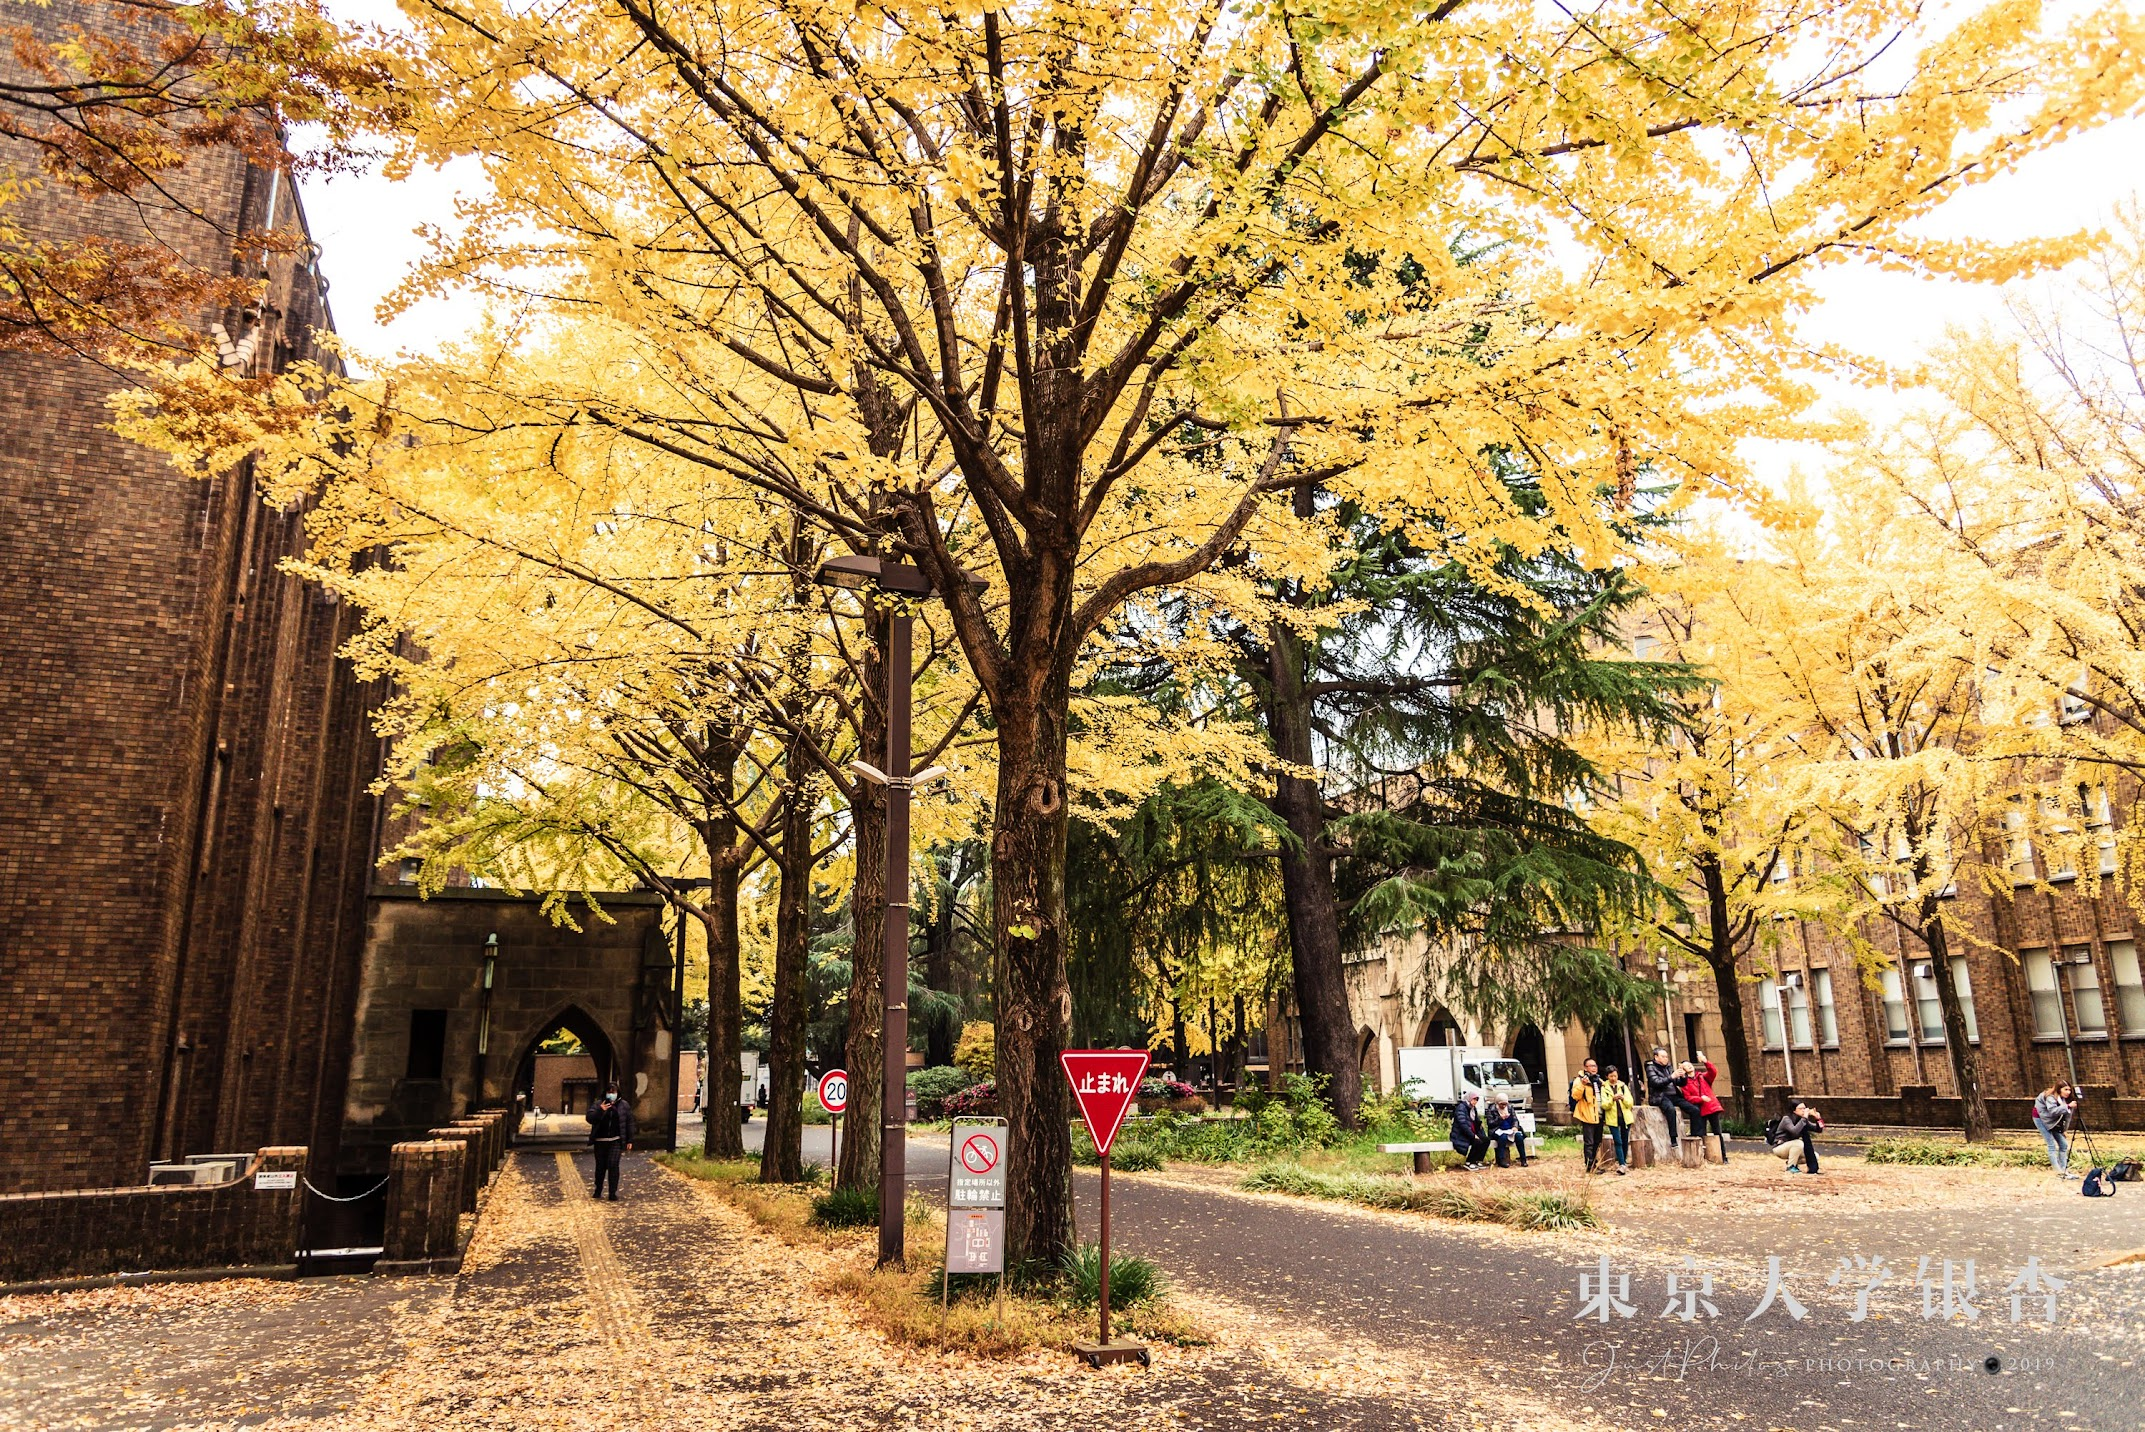 彌生校區在銀杏的季節處處都被金黃色的銀杏披上金黃色的植披。